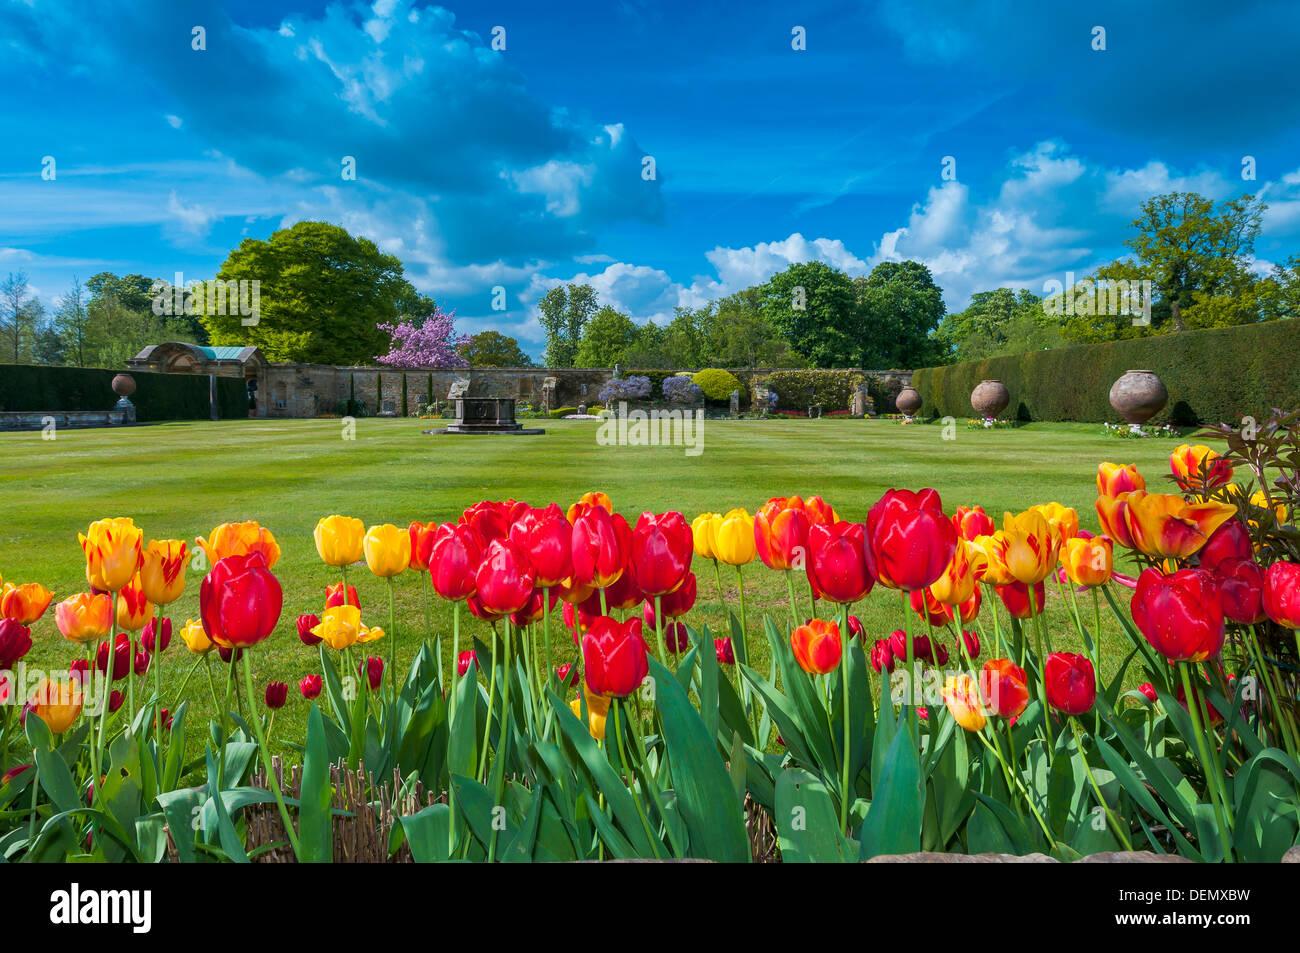 Hever Castle, Hever, Edenbridge, Kent, England, UK, Europe - Stock Image